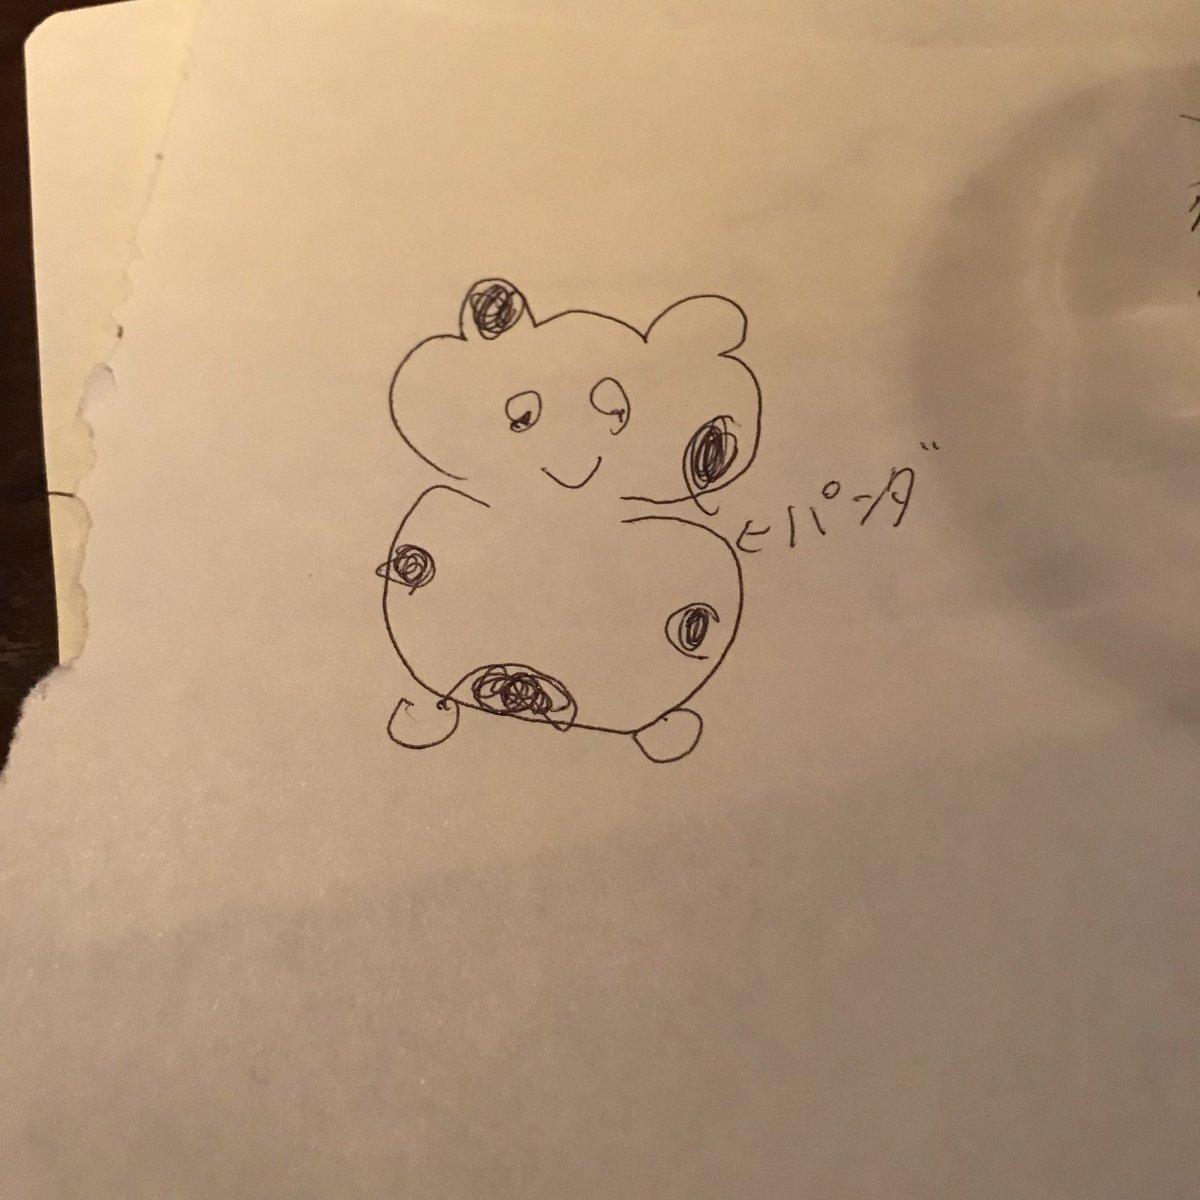 ちなみに洋次郎さんのパンダ